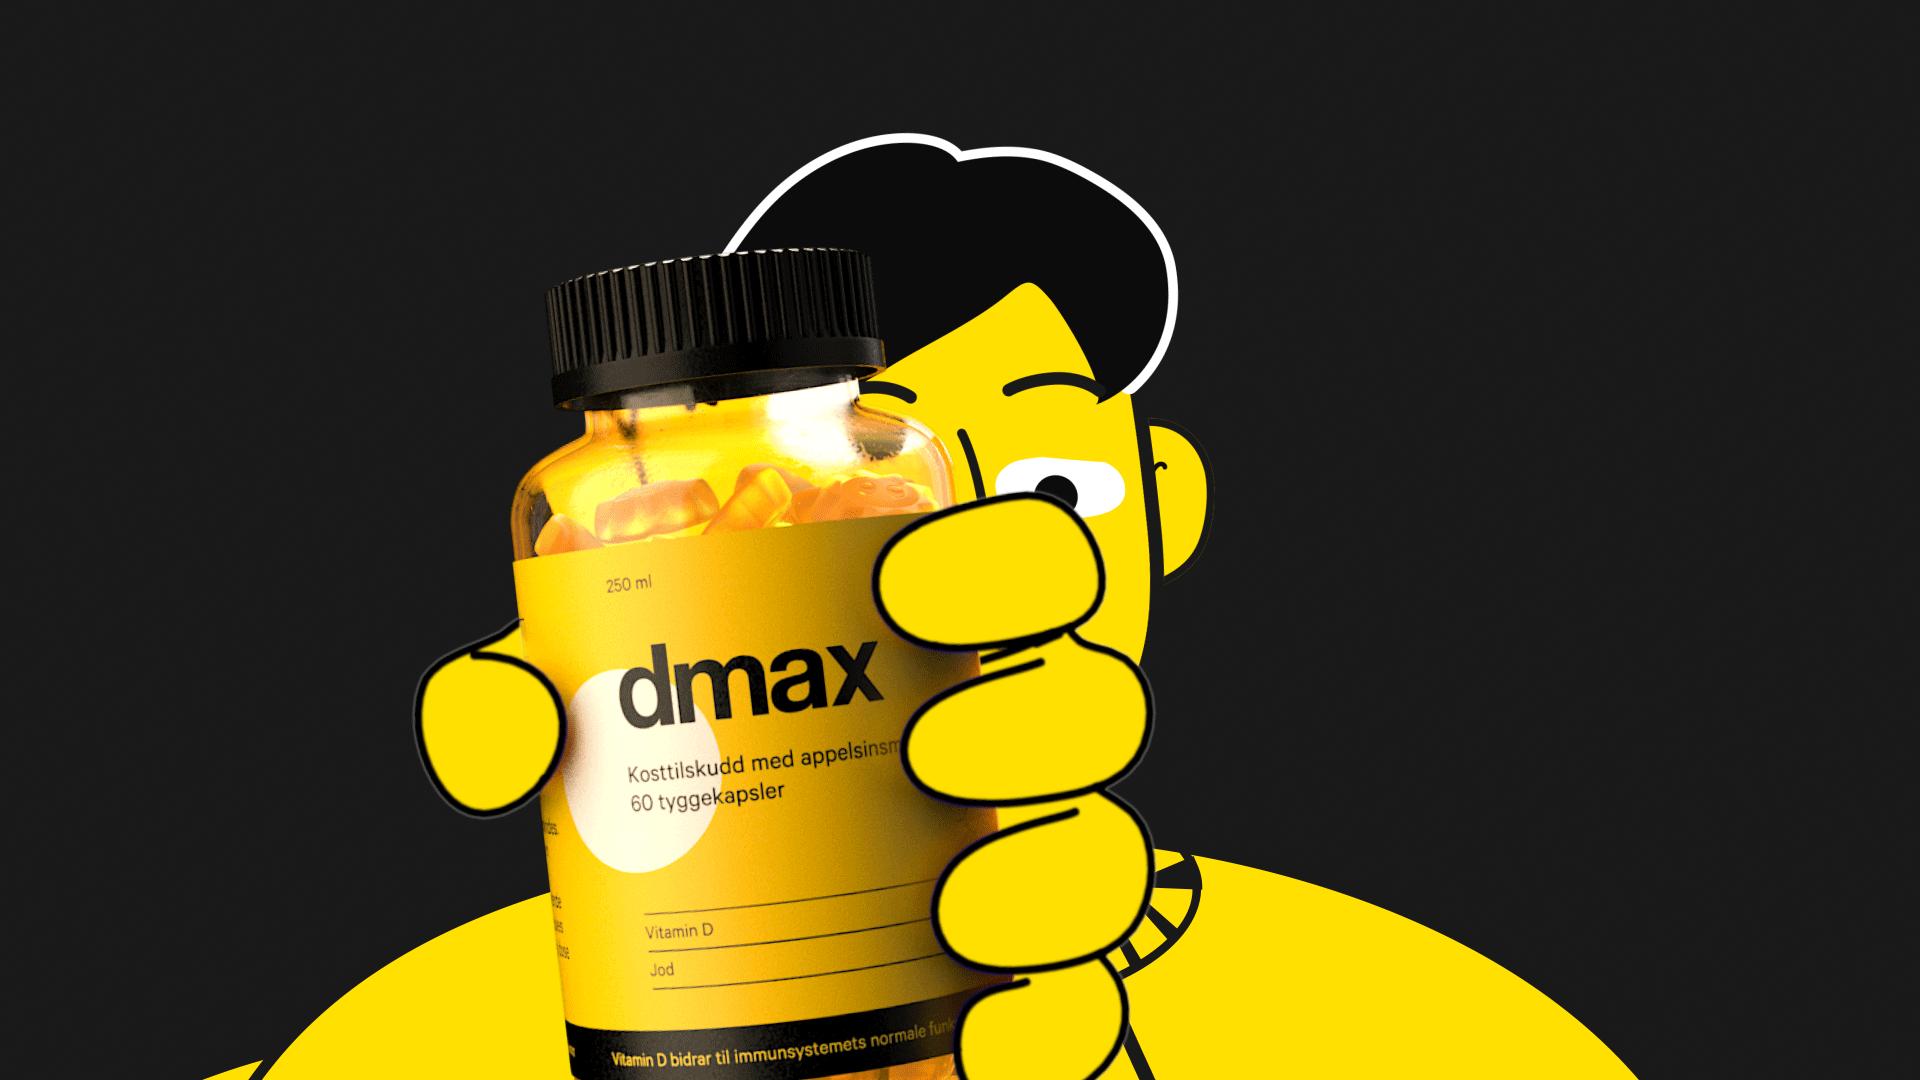 Animasjon for dmax d vitamin hvor 2d karakter holder på en 3d kapselbeholdere i haanden